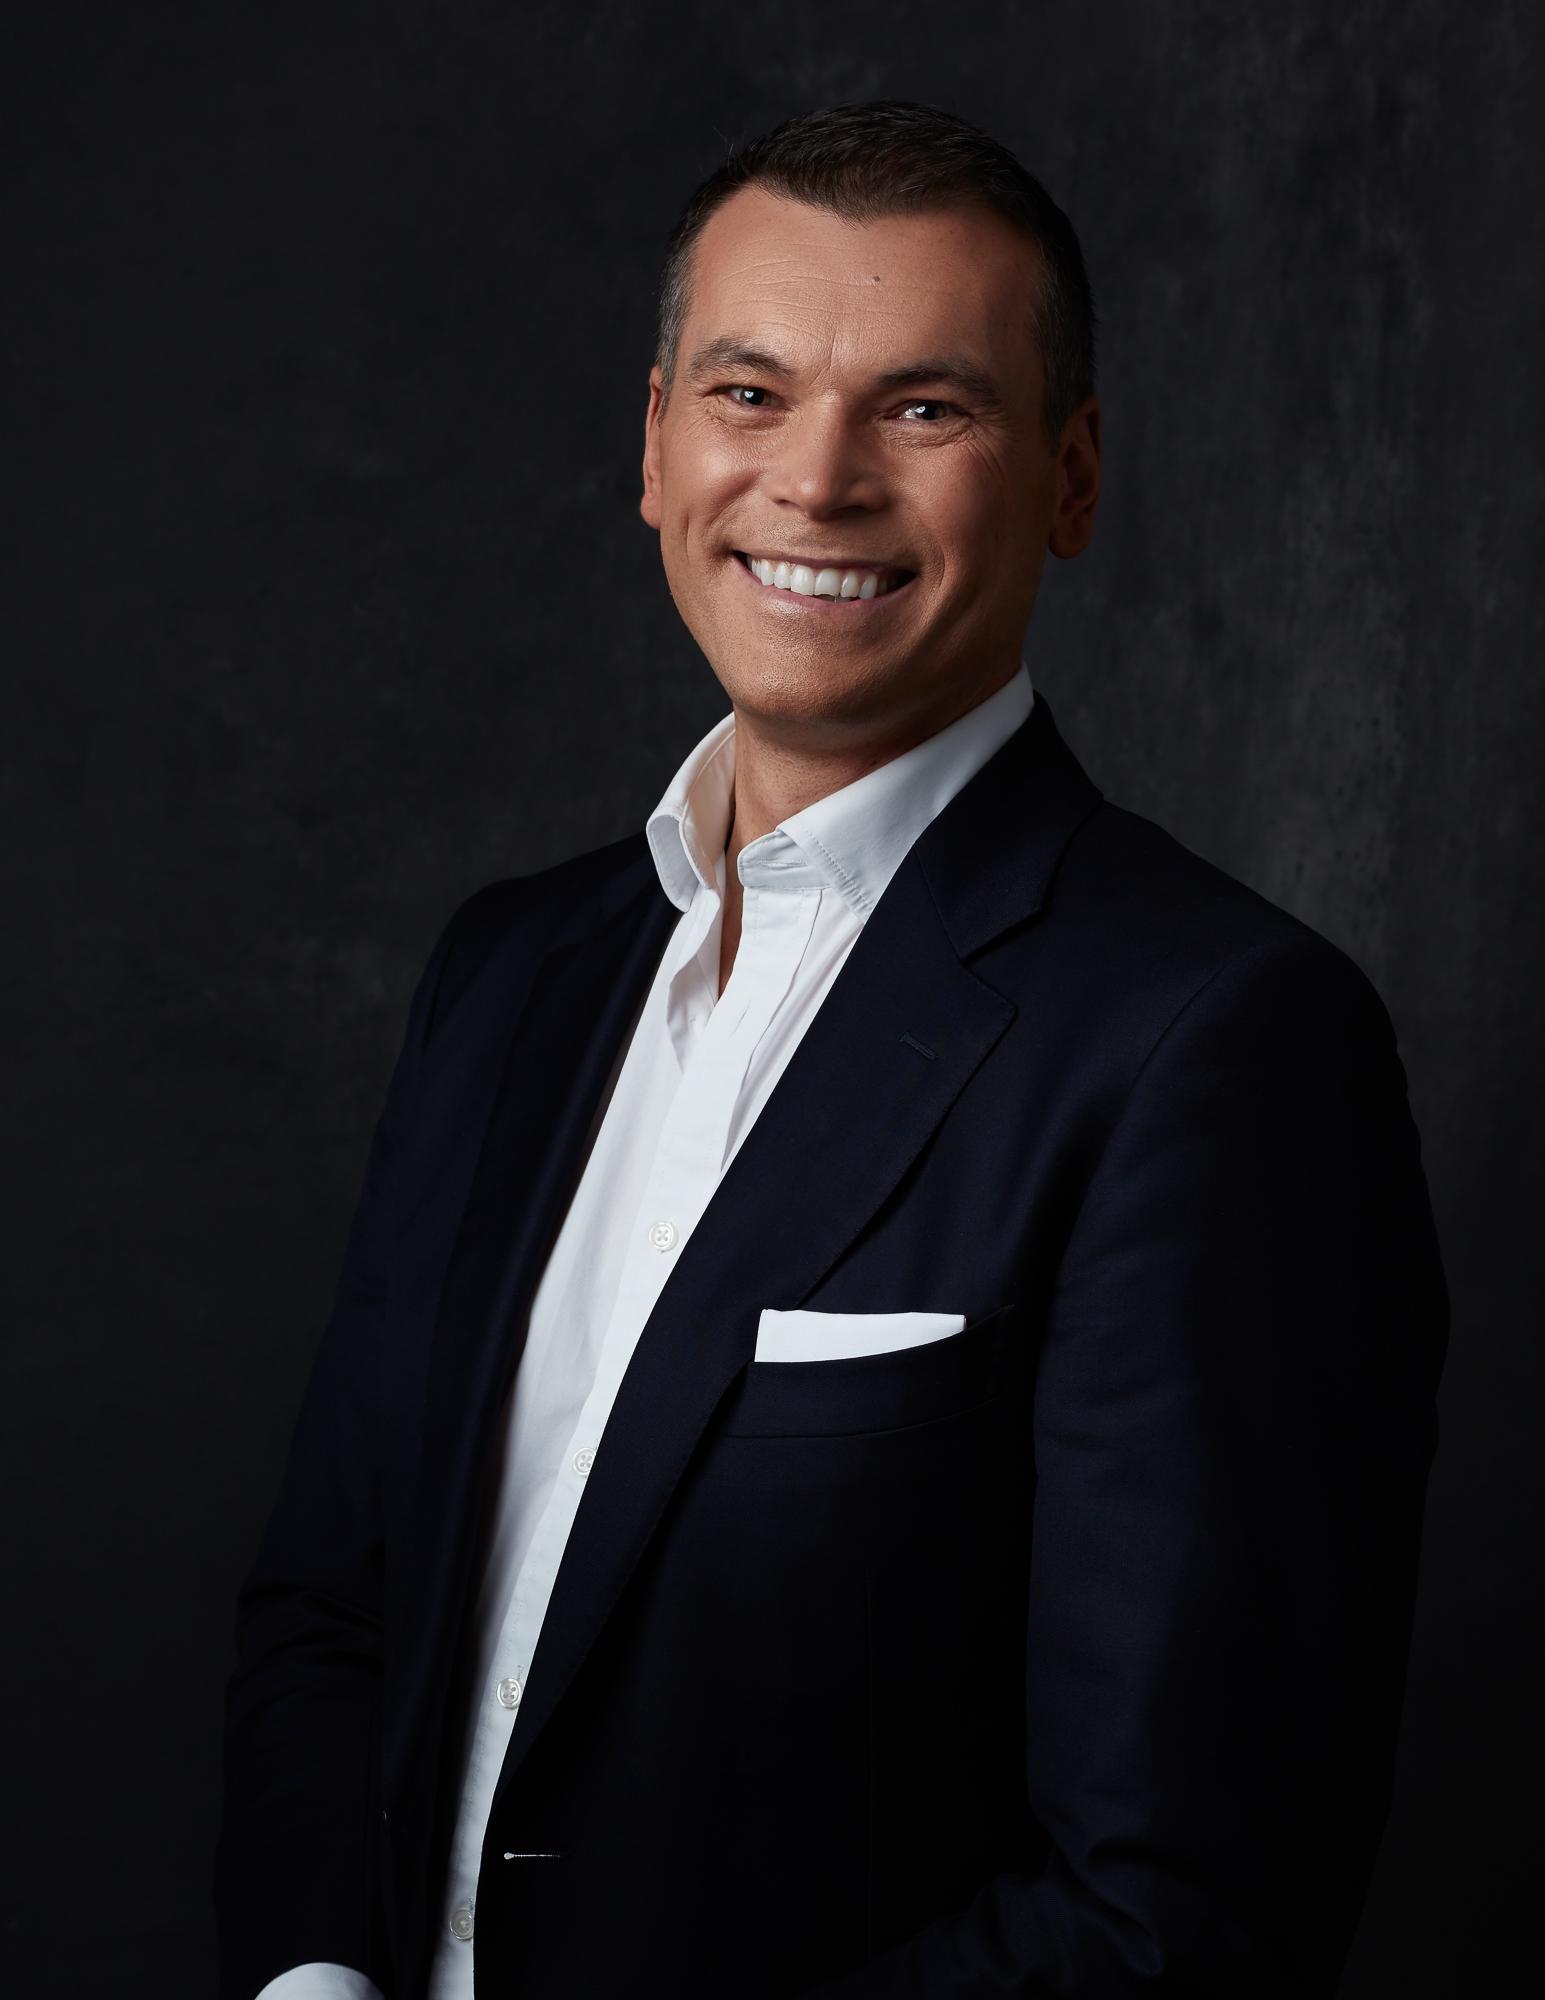 Christian Möllefors